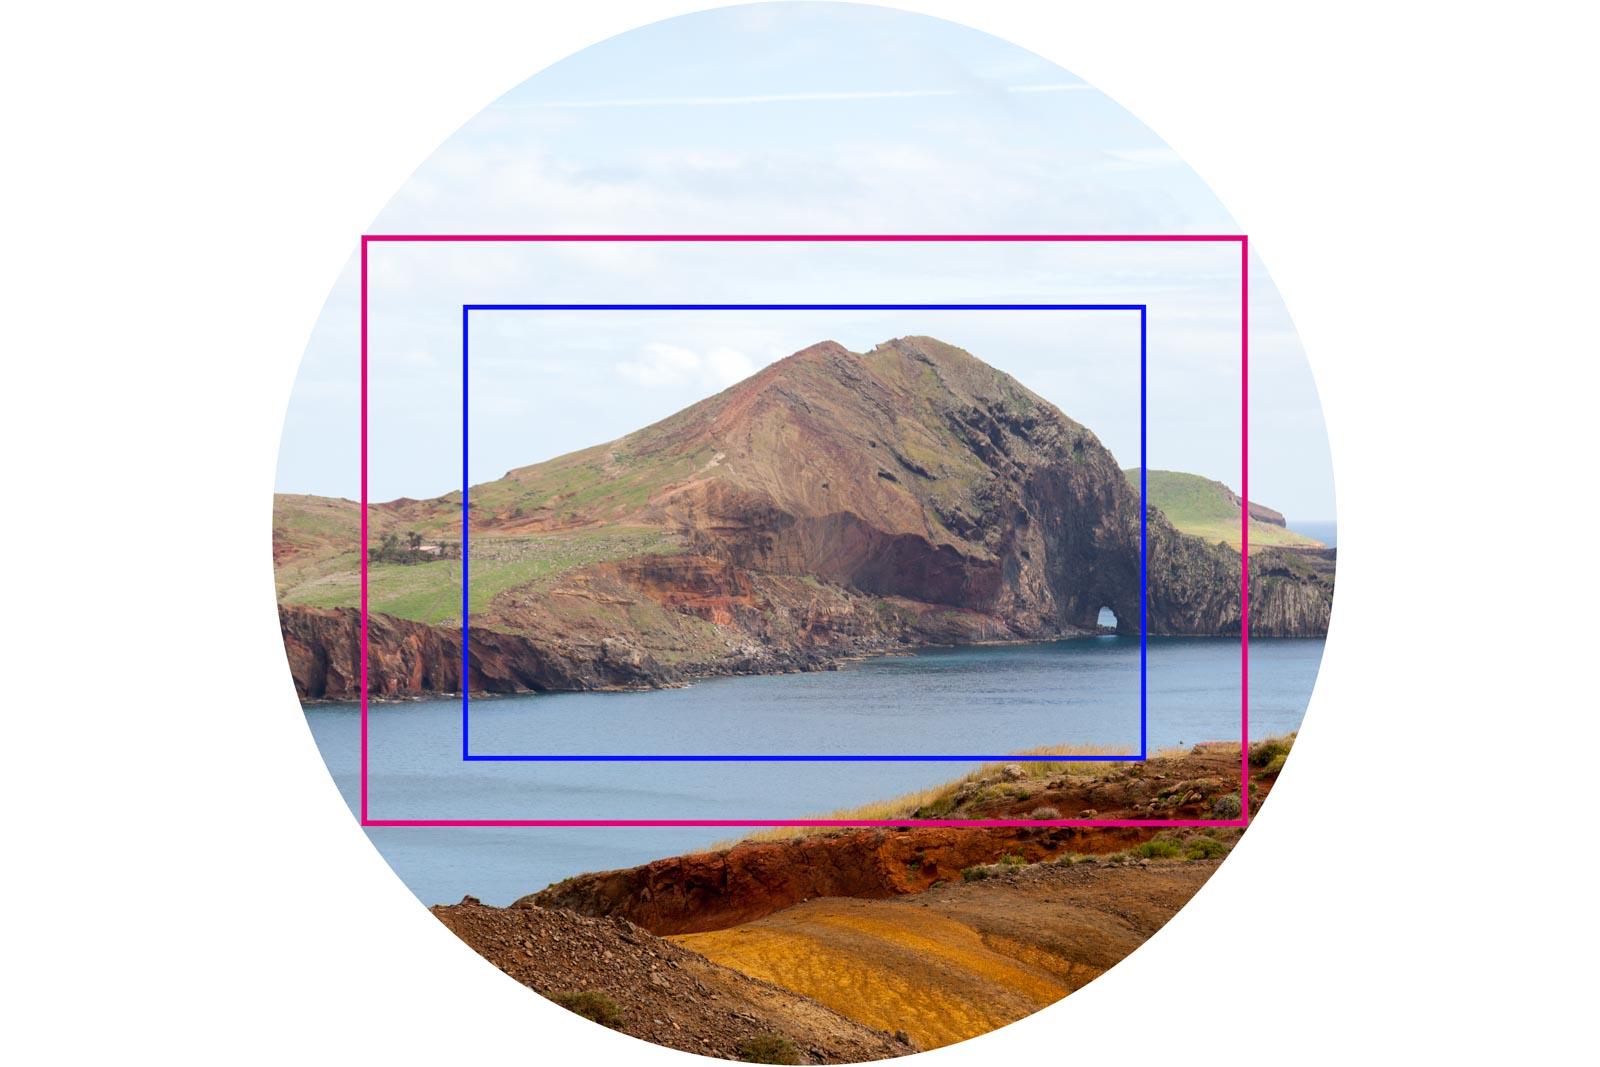 Cropfactor voorbeeld full frame en crop frame lens